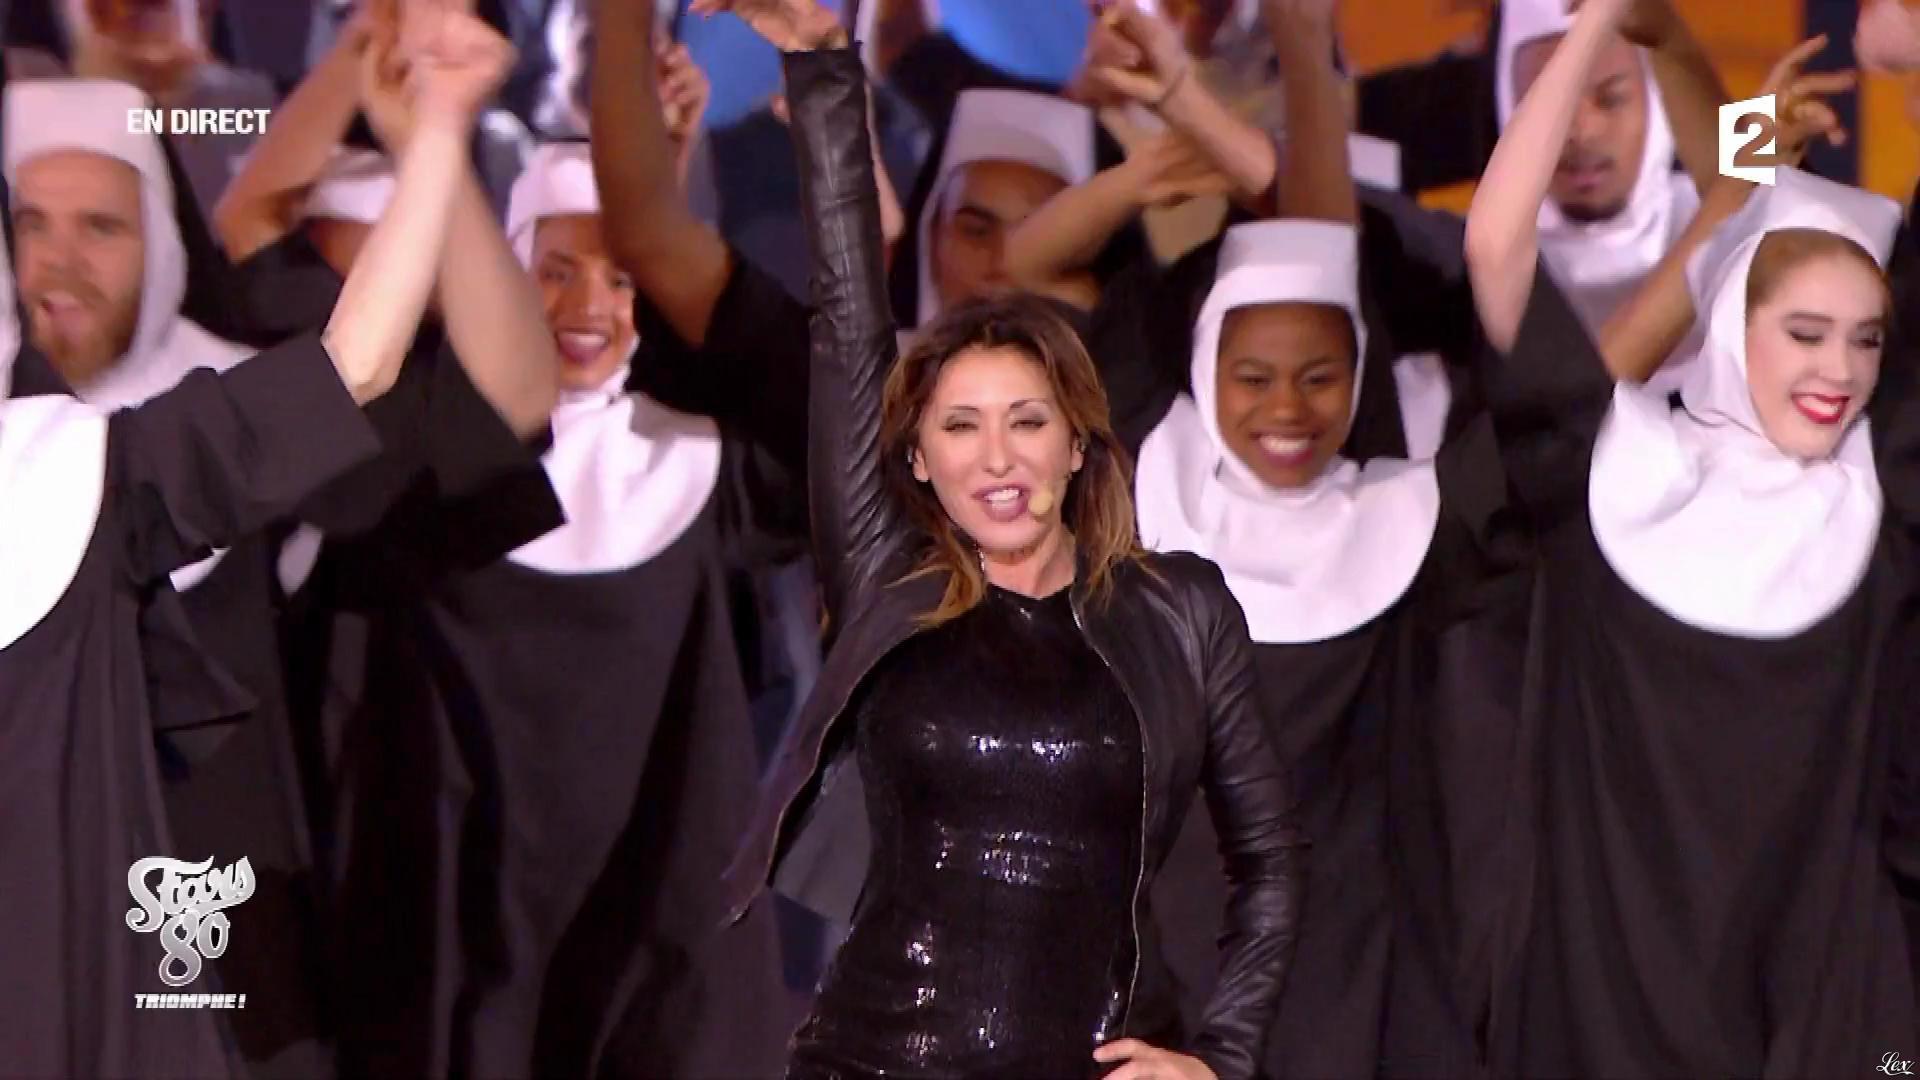 Sabrina Salerno dans Stars 80 Triomphe. Diffusé à la télévision le 02/12/17.